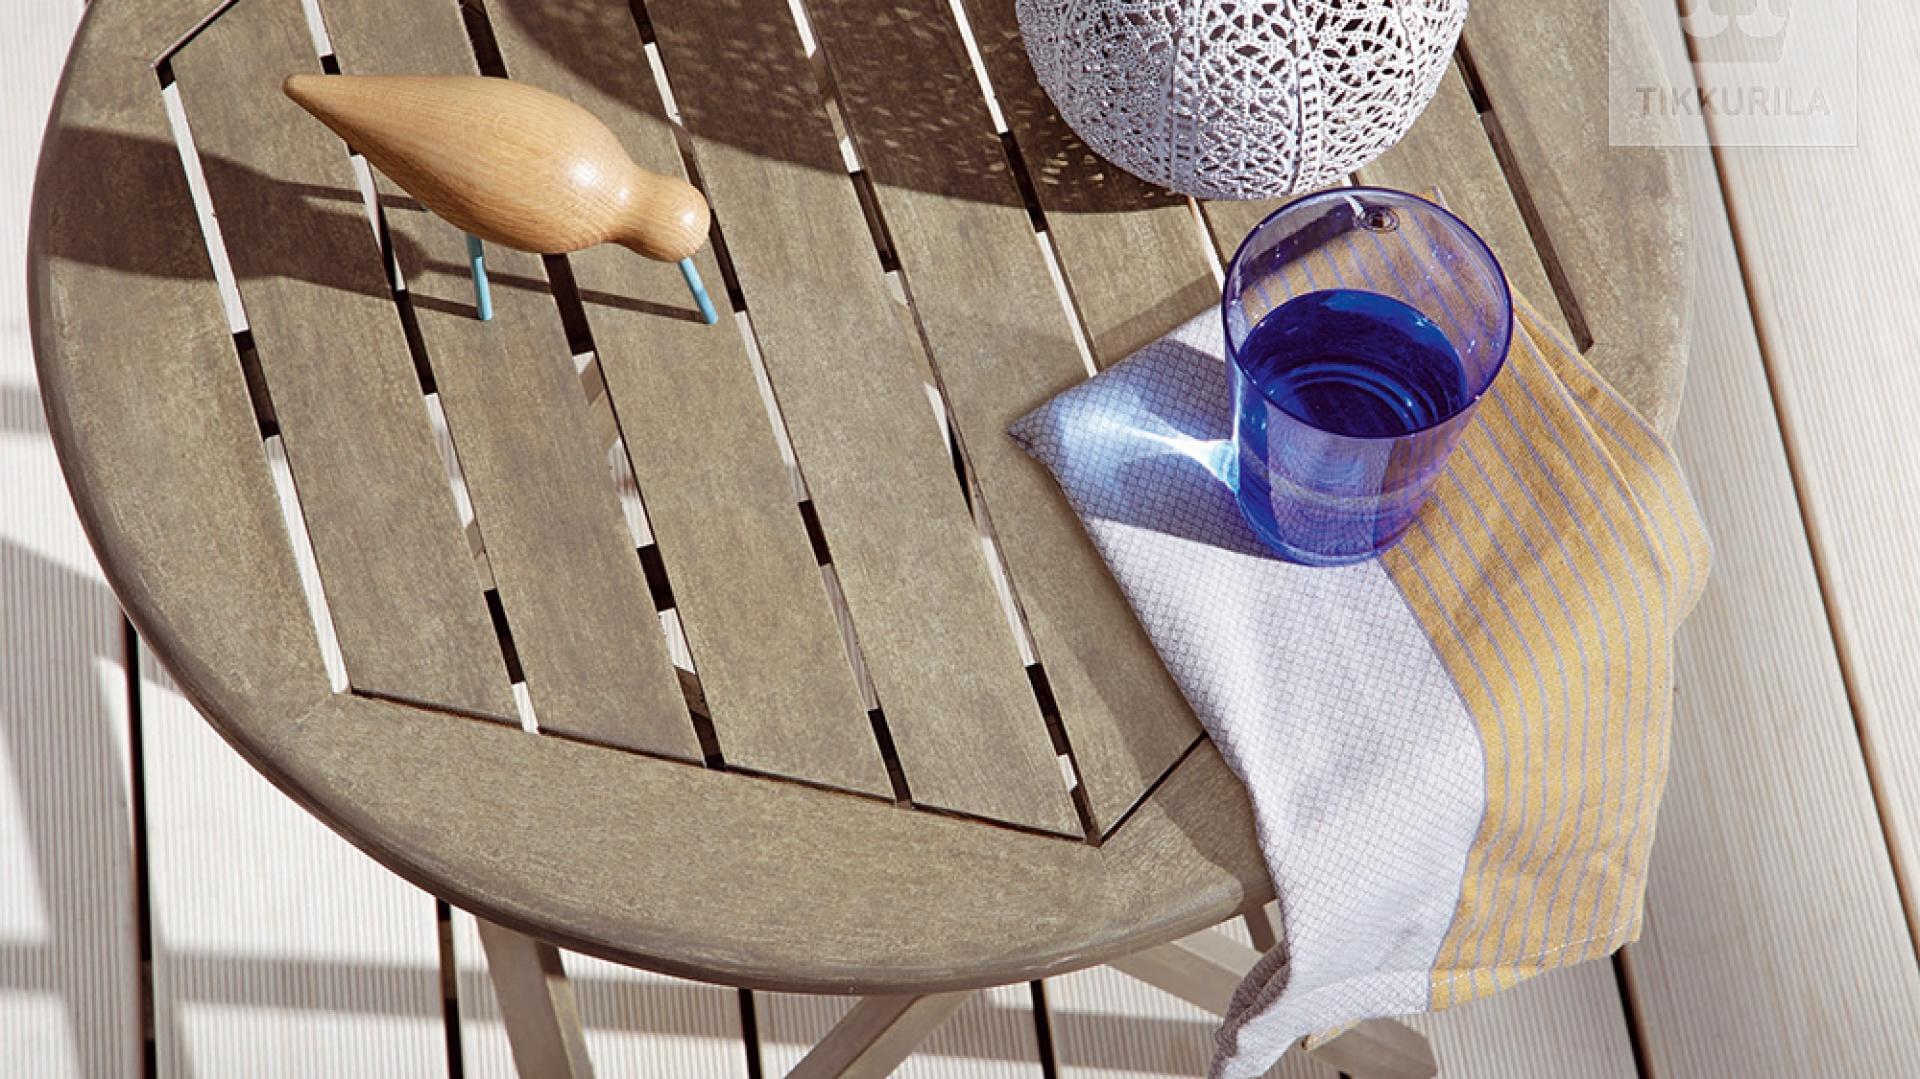 Tikkurila Valtti Wood Oil Akva to olej służący do dekorowania i skutecznego zabezpieczania powierzchni drewnianych narażonych na działanie czynników atmosferycznych. Fot. Tikkurila